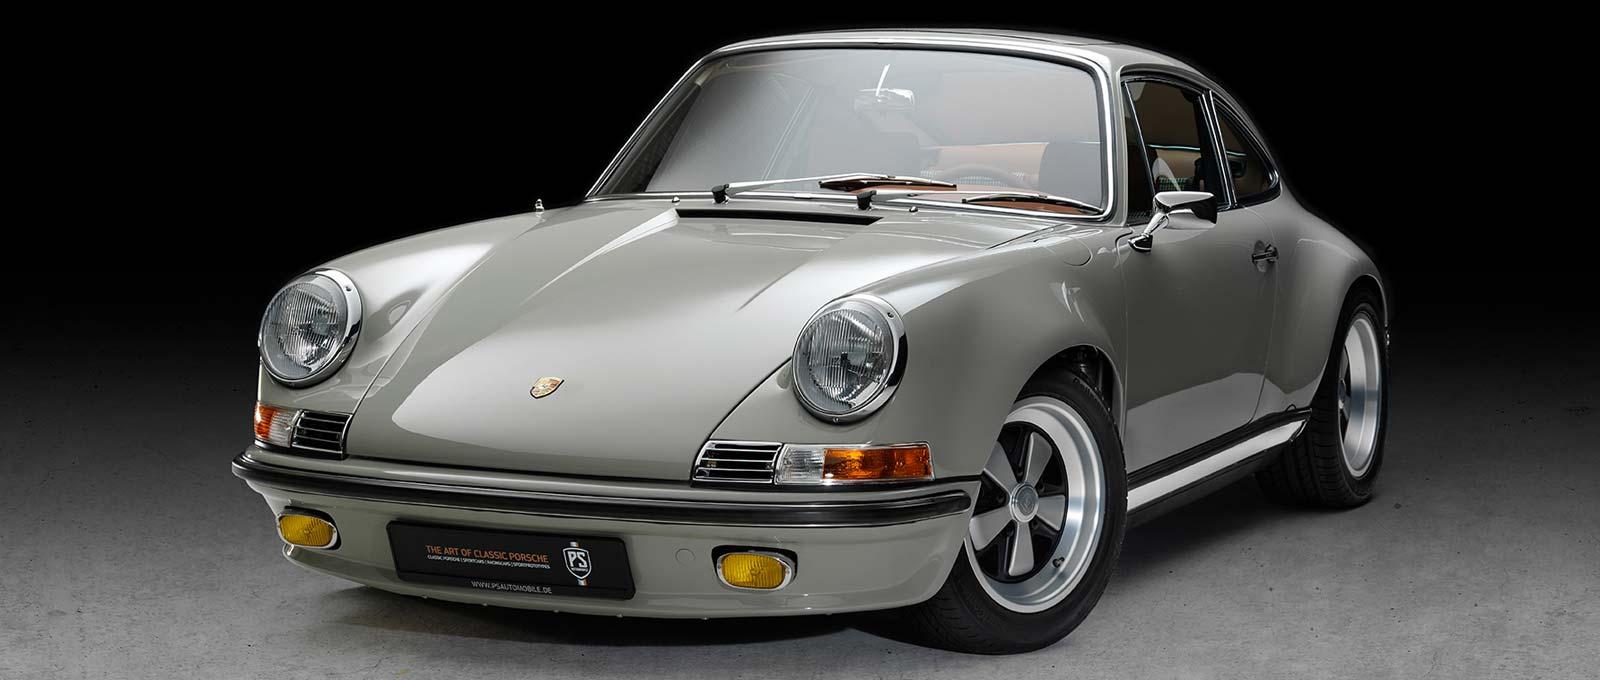 Porsche 911 ST Umbau FORTUNAGRAU